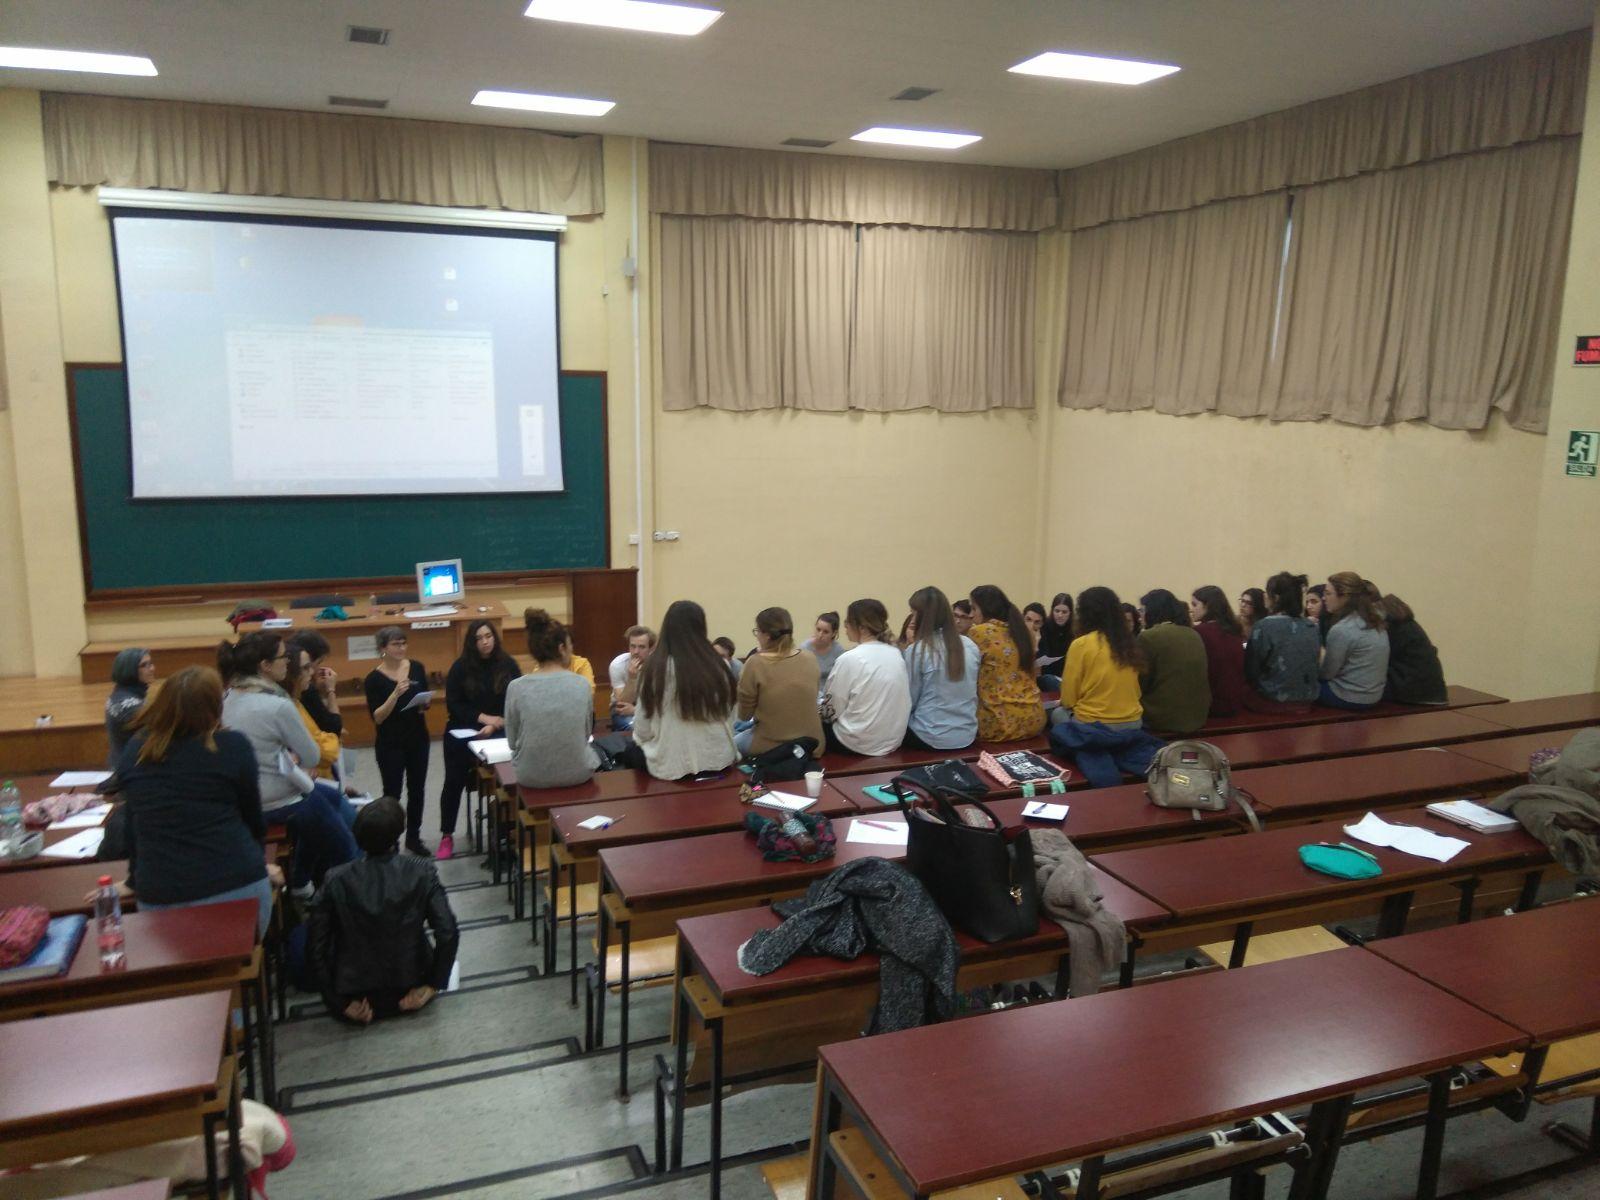 Junto con estudiantes de Medicina de Málaga, trabajamos con colectivos en situación de exclusión social